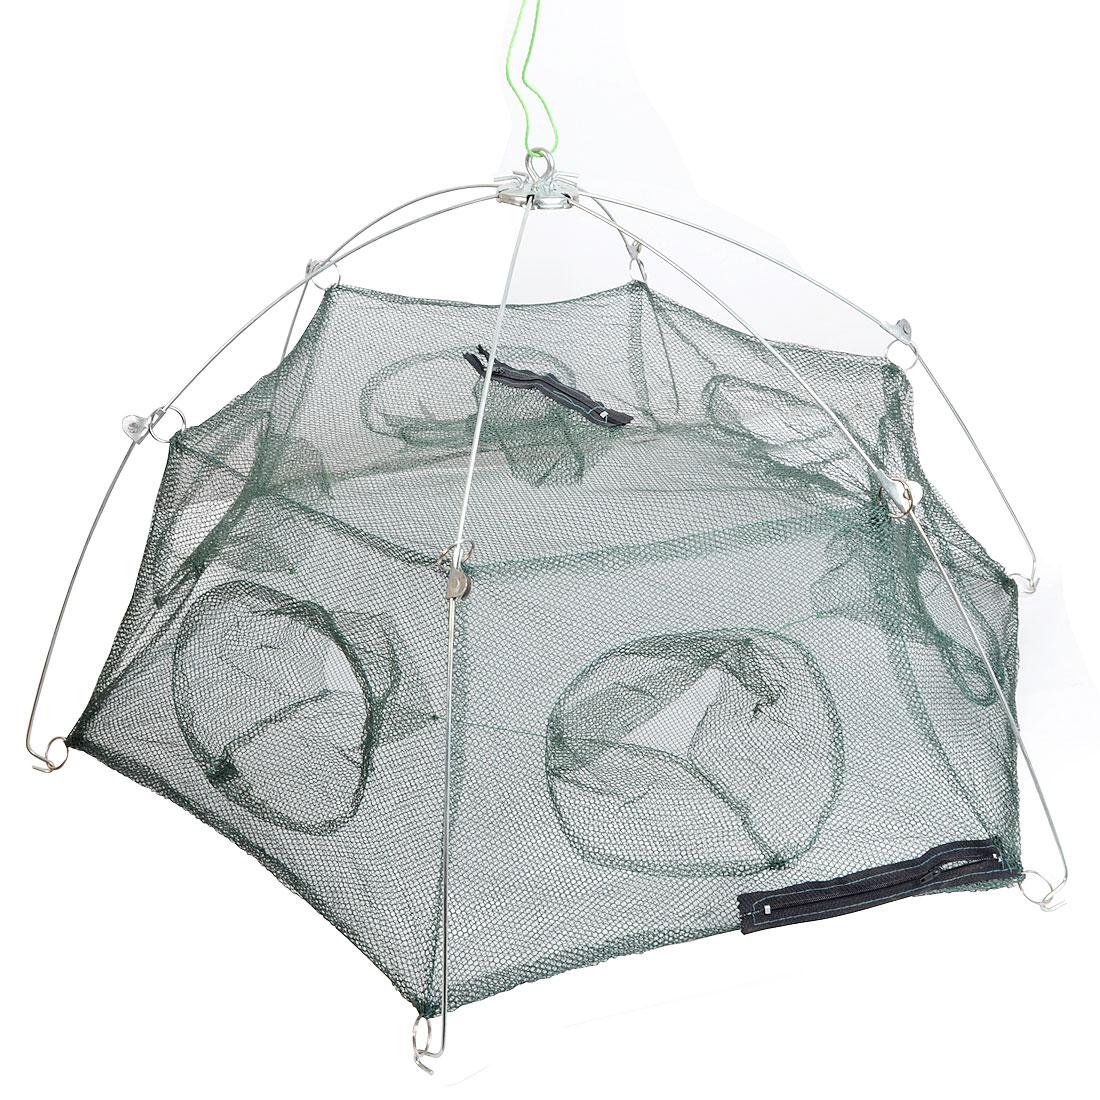 80cmx80cm Dark Green Nylon Mesh Net Fishing Umbrella Crawfish Net